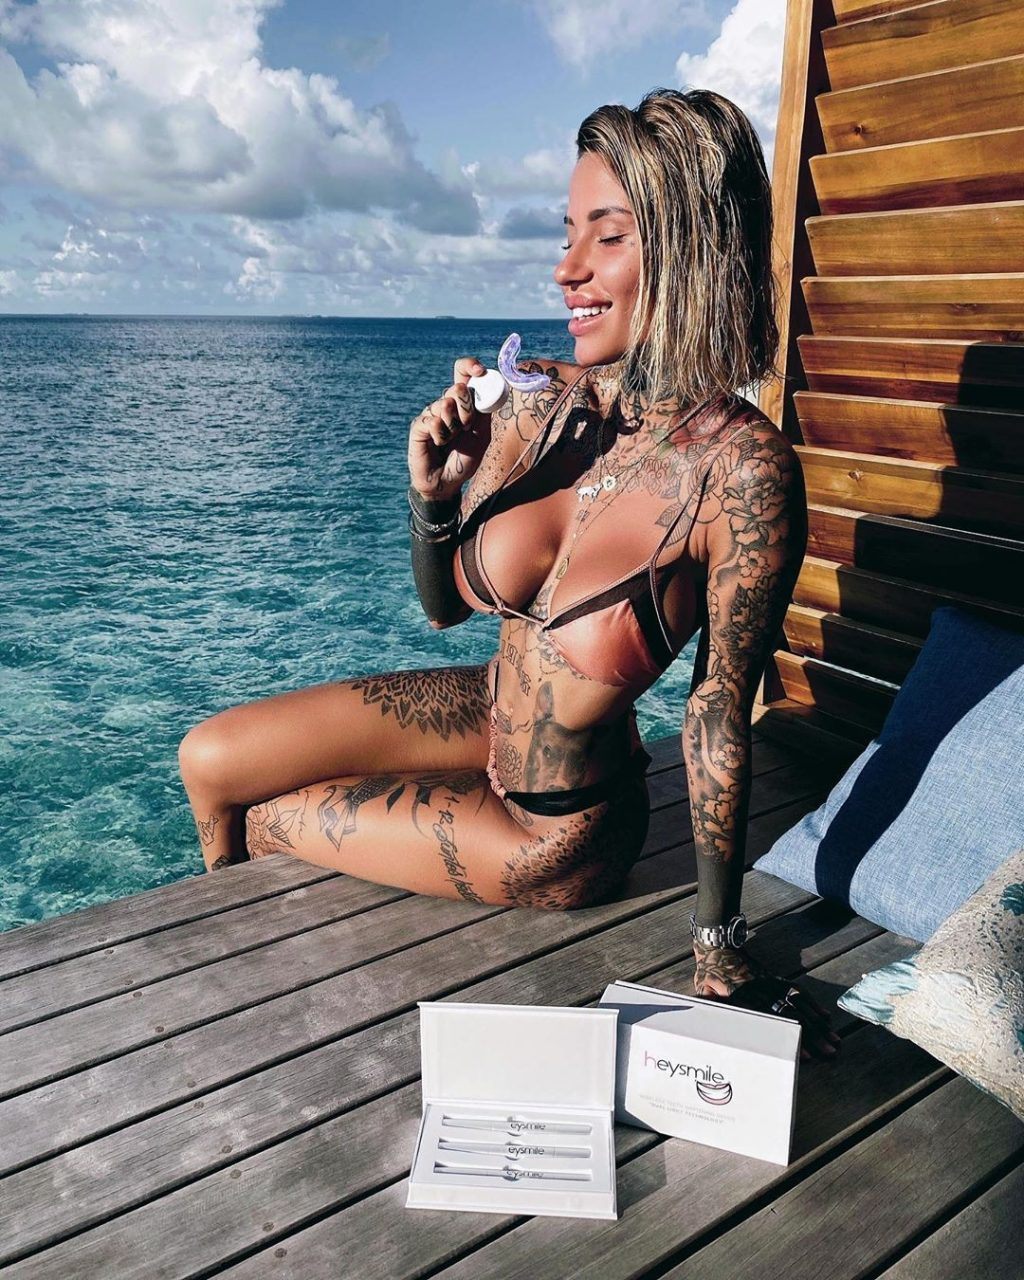 Zoe Cristofoli Nude & Sexy Collection (91 Photos + Video)